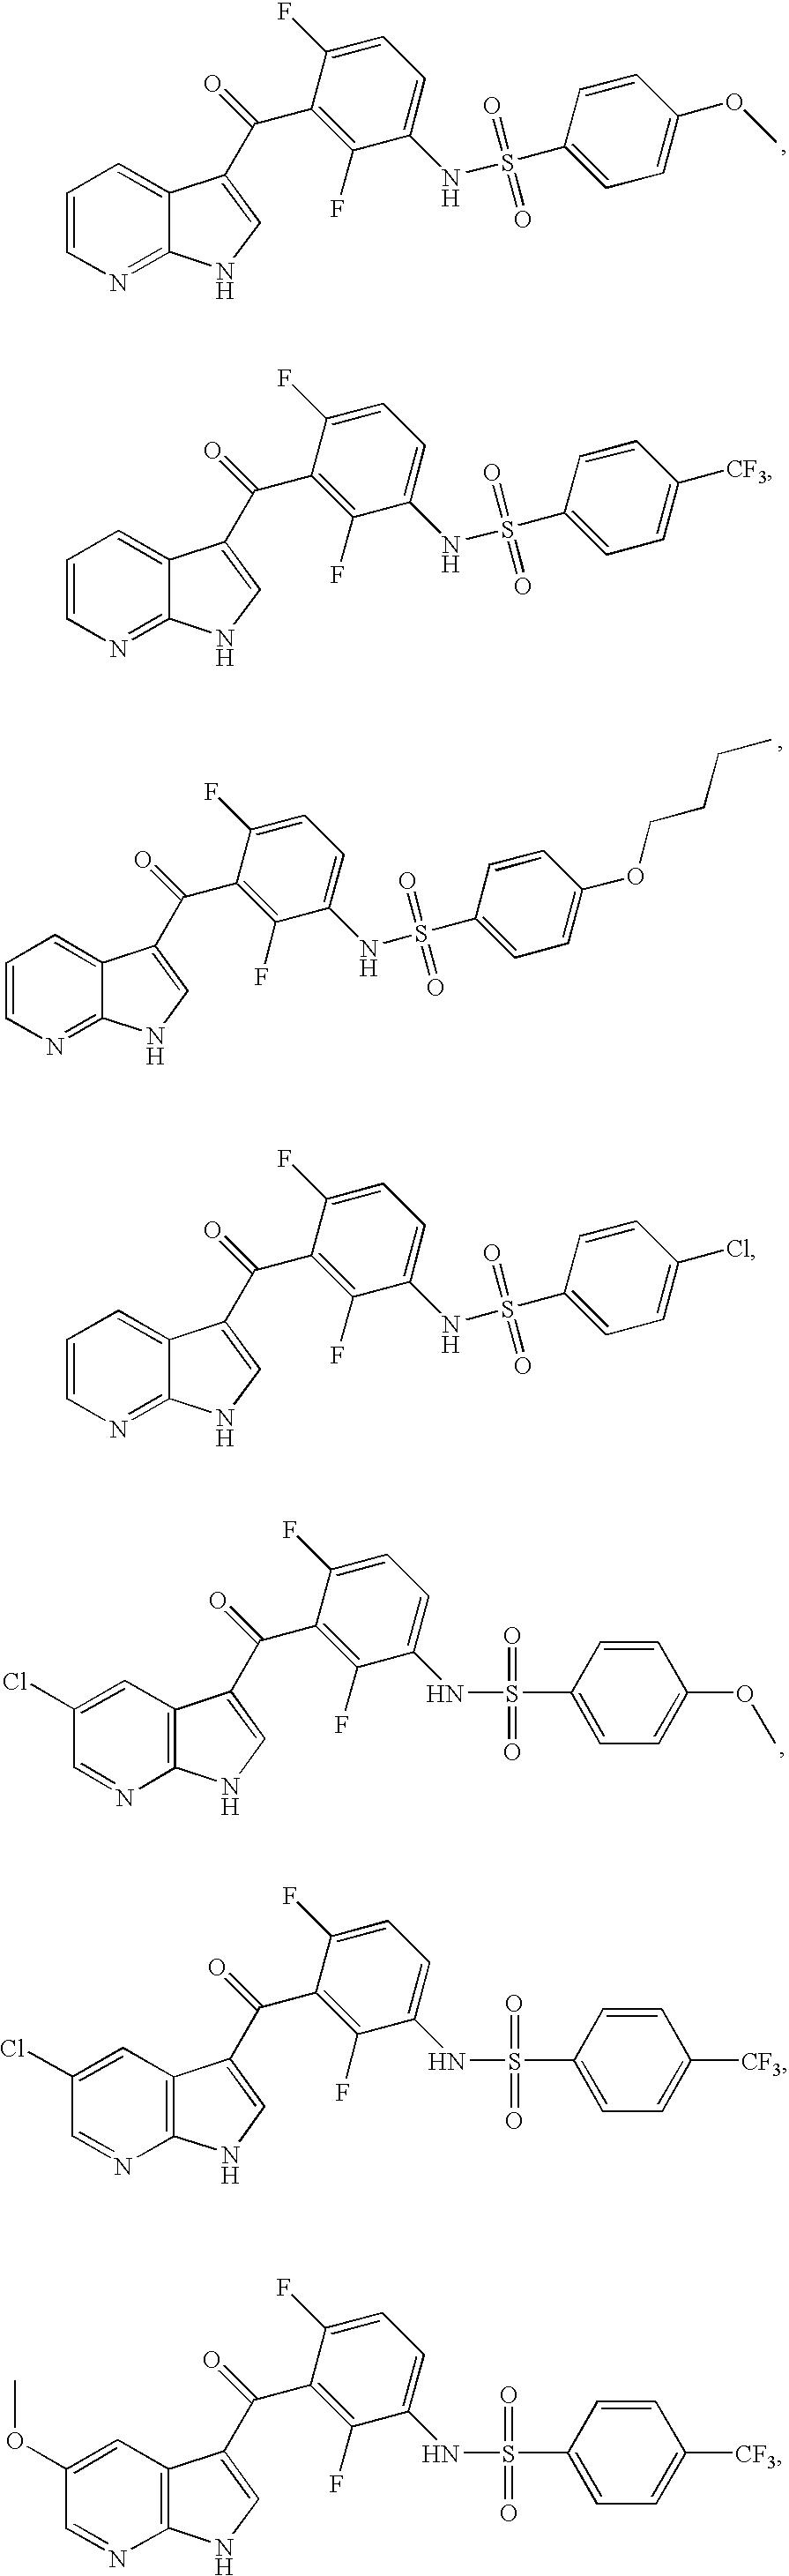 Figure US20080167338A1-20080710-C00002